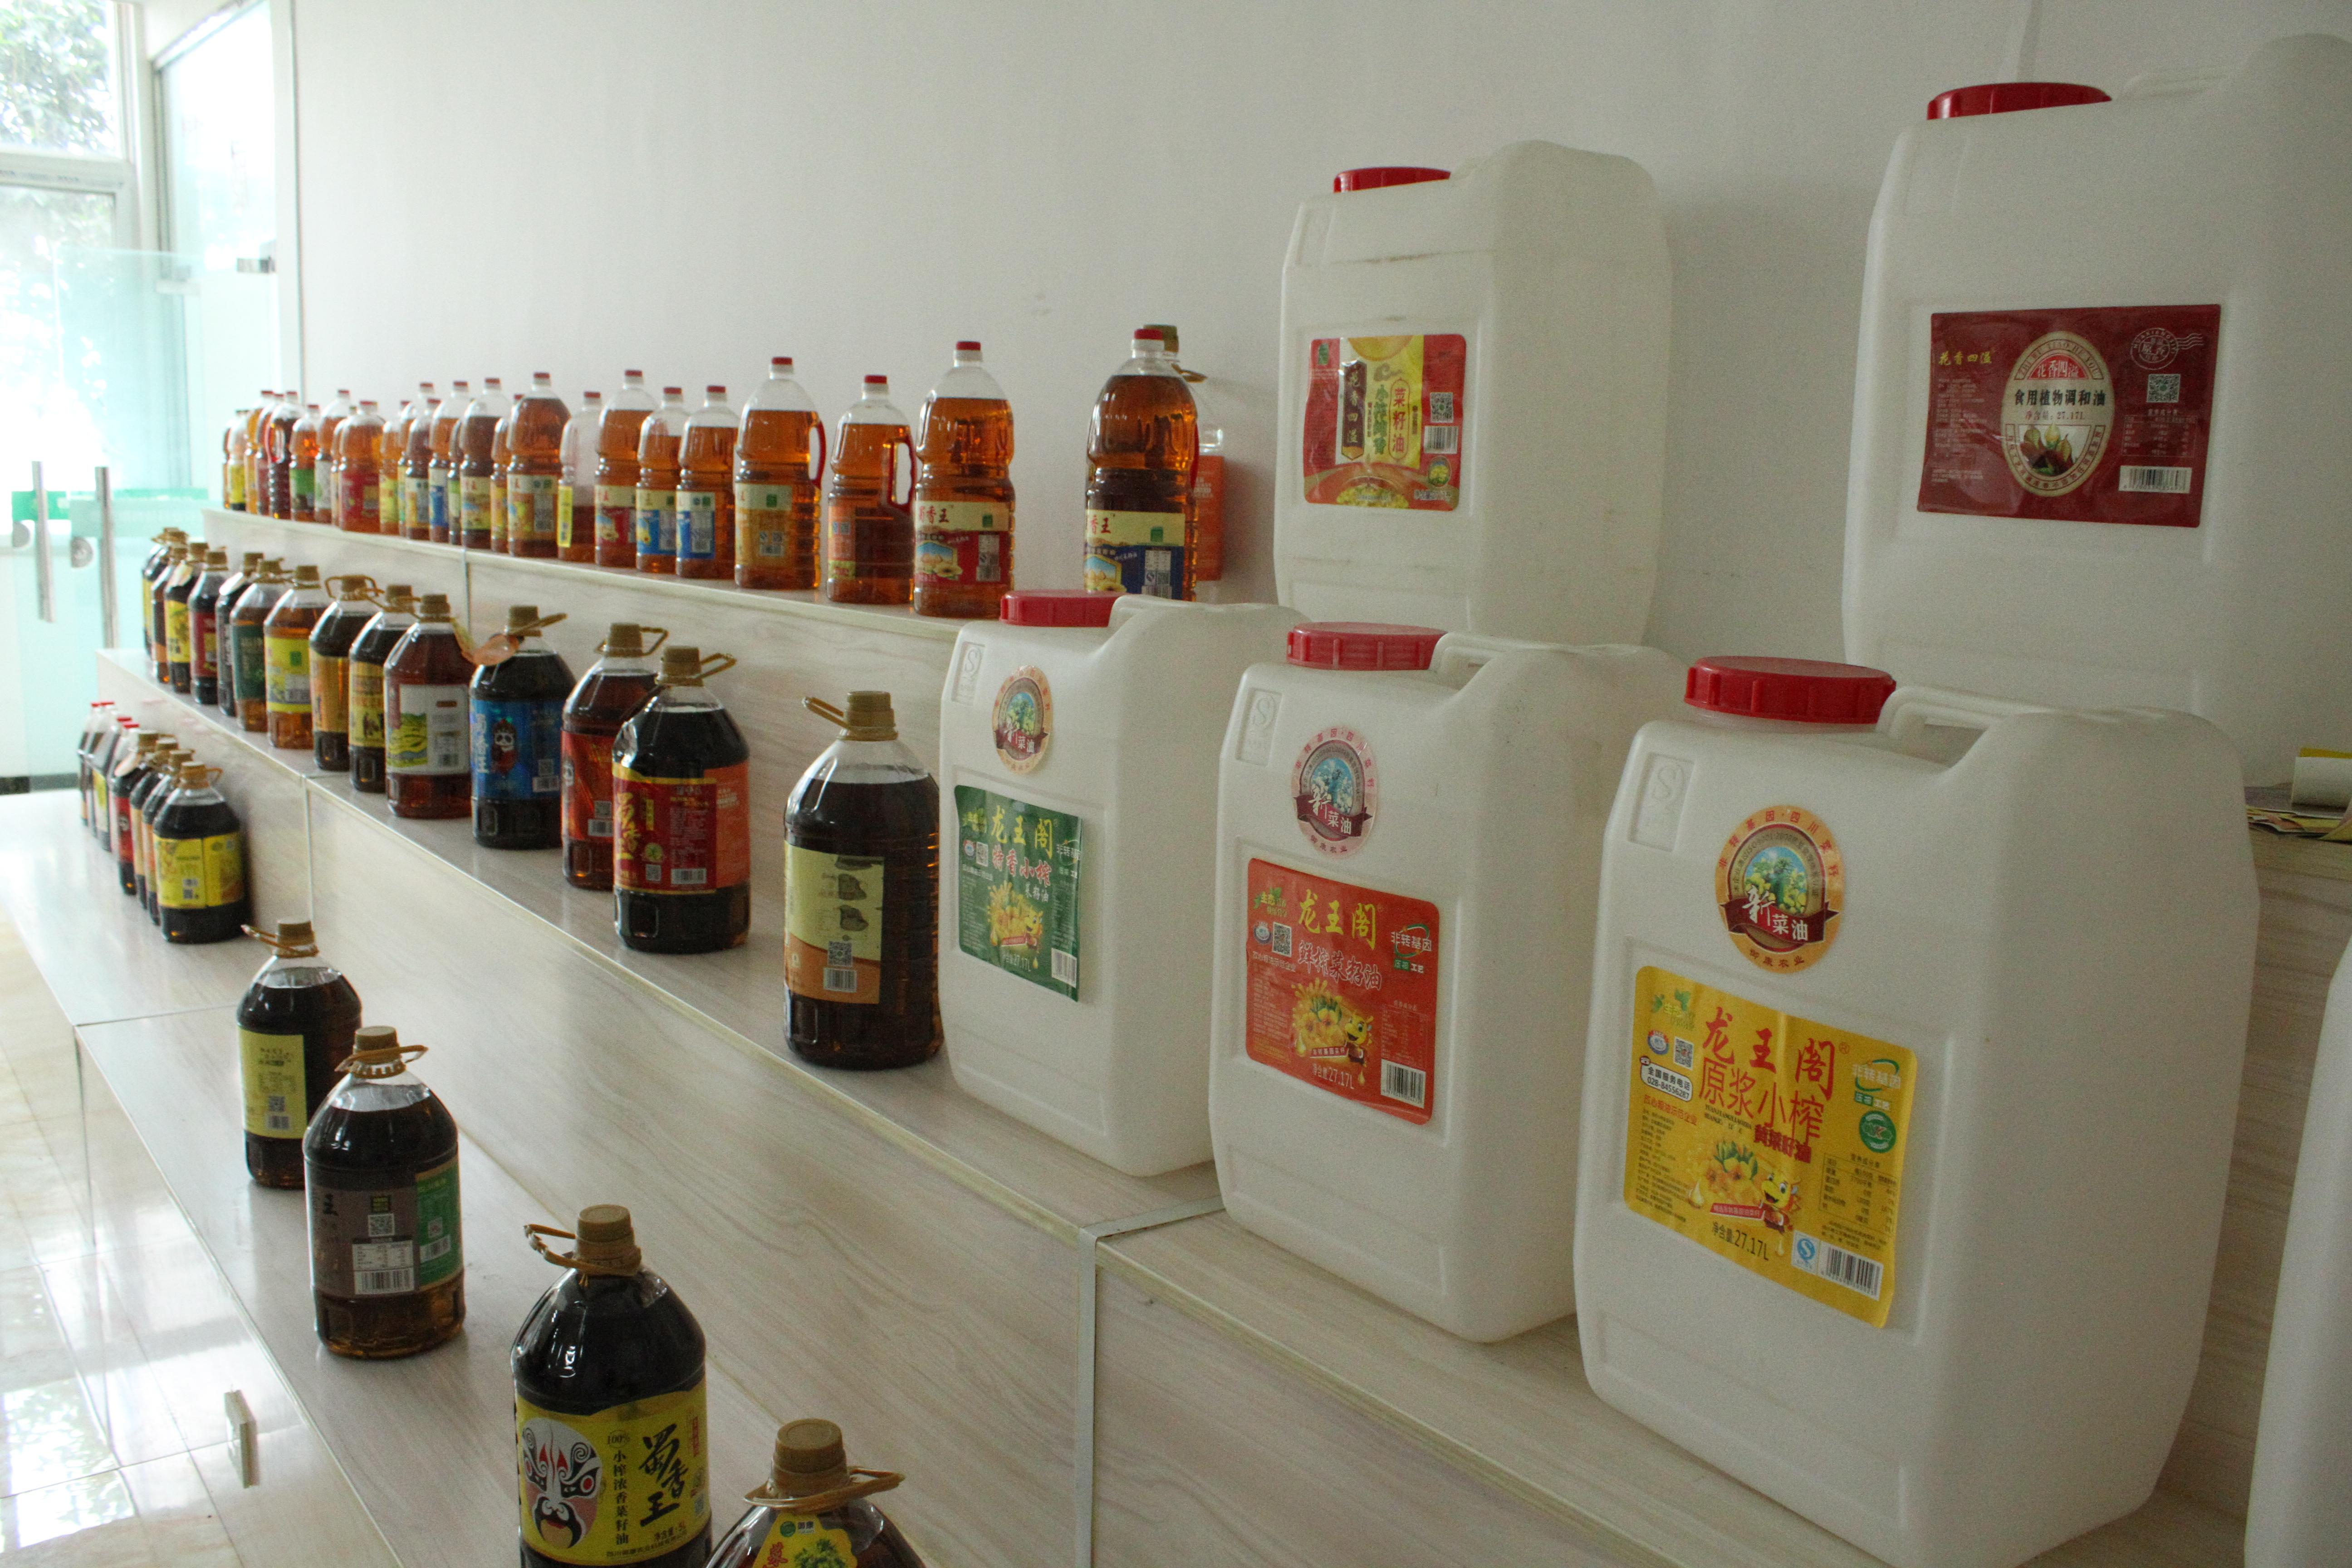 御康农业:油香十里小榨技艺还是浓浓的儿时味道